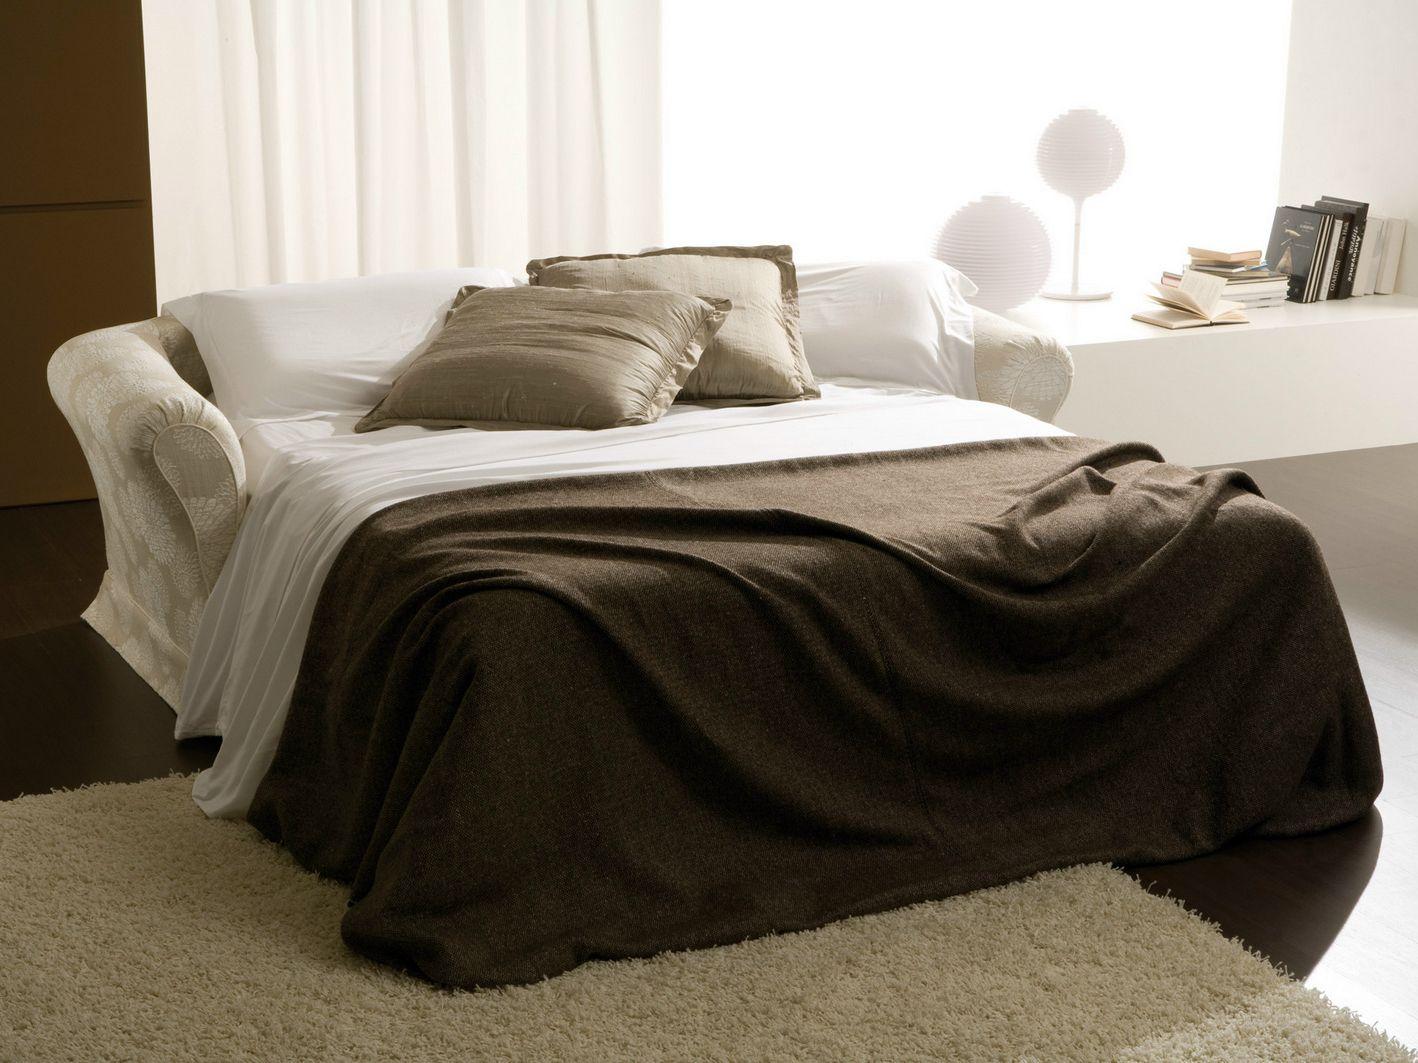 Sof cama 2 plazas dolcenuvola by bodema dise o studio r e s for Sofa cama de 2 plazas